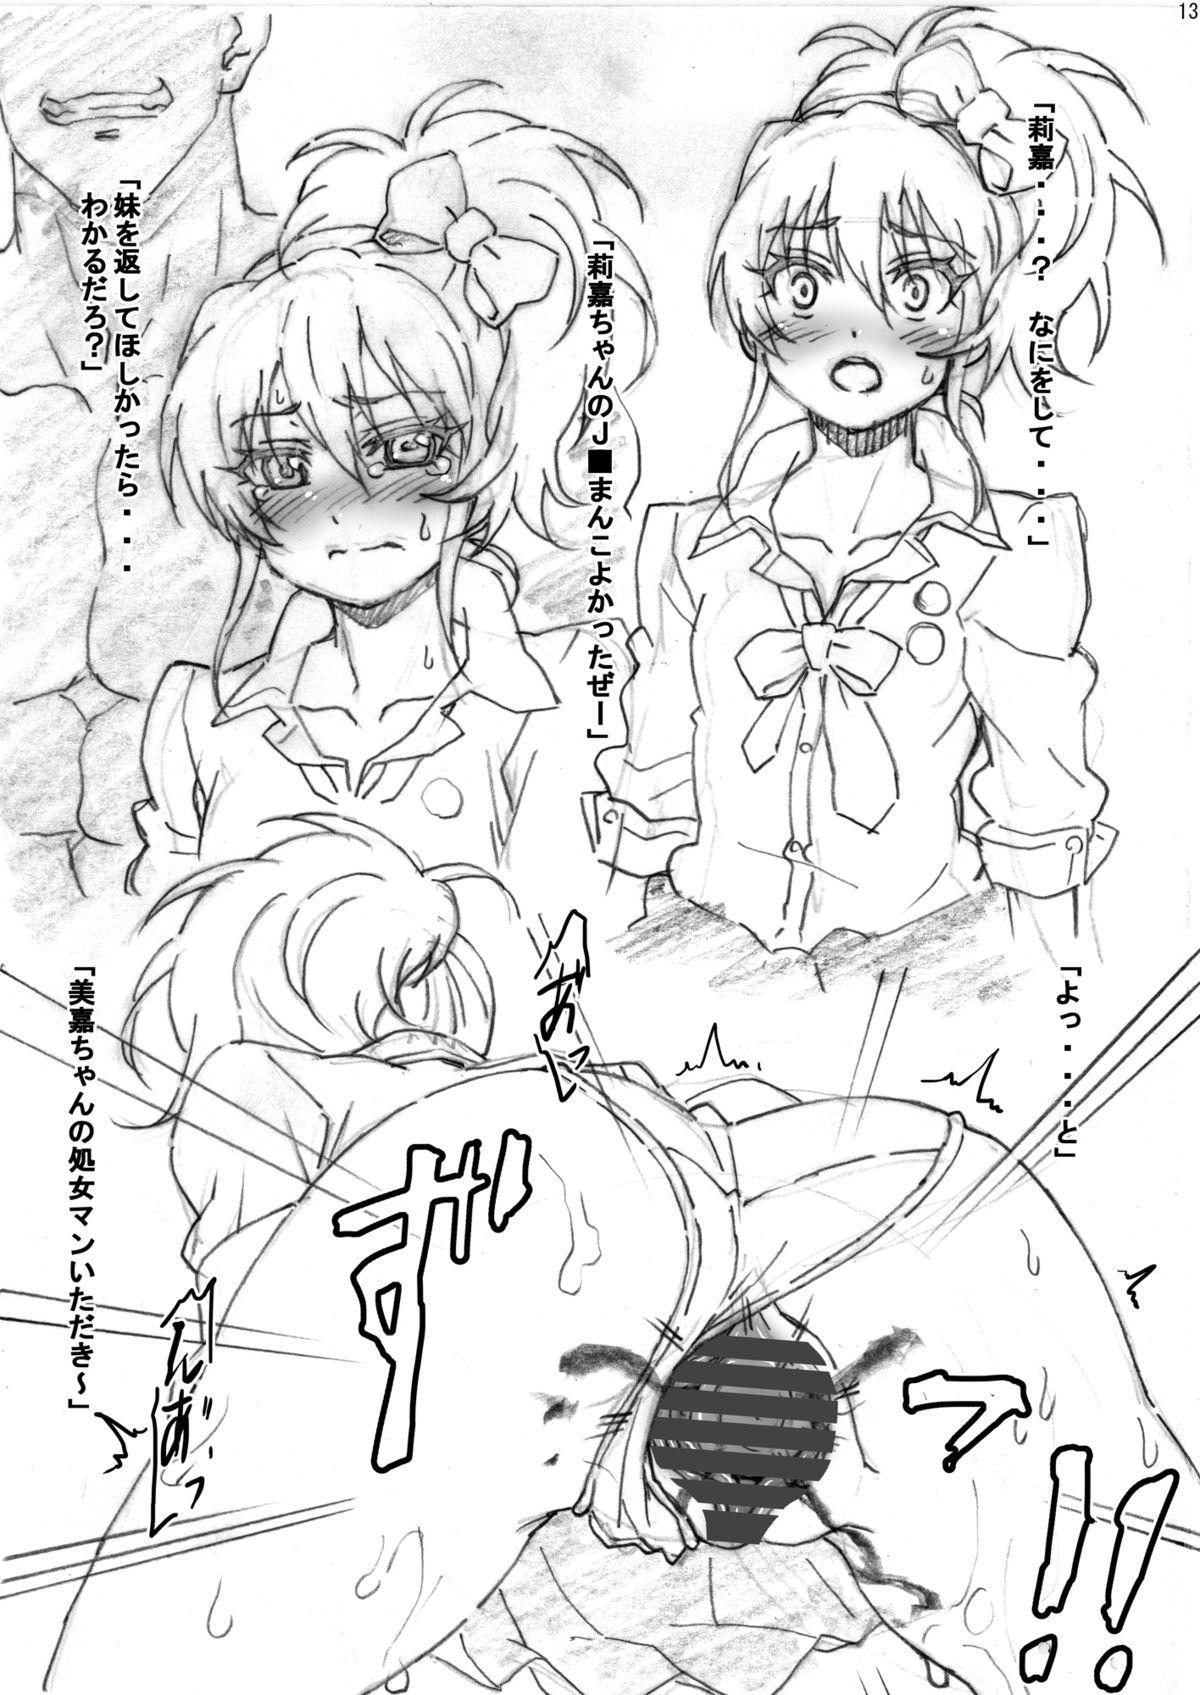 ○○-kun, Mite Mite! Hehehe~, JC Idol Mitsuketa yo 16